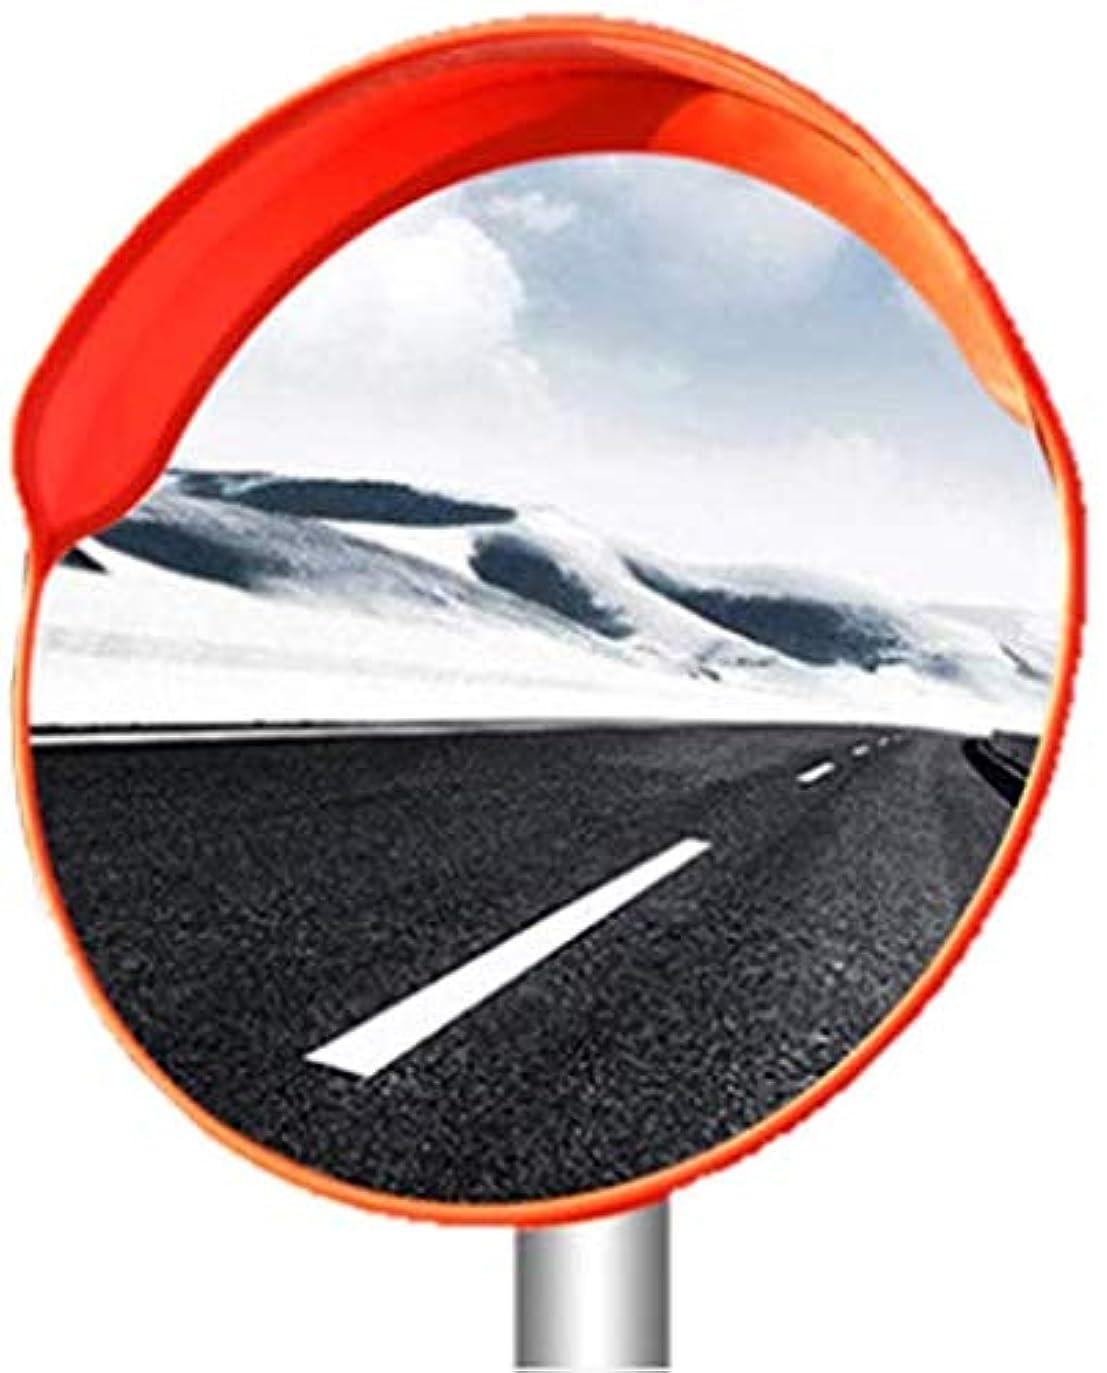 依存大きさ近所の高速道路安全ミラー、シャープターンエントランスブラインドスポットミラー大角度耐久性広角レンズ多機能凸面鏡(サイズ:45CM)